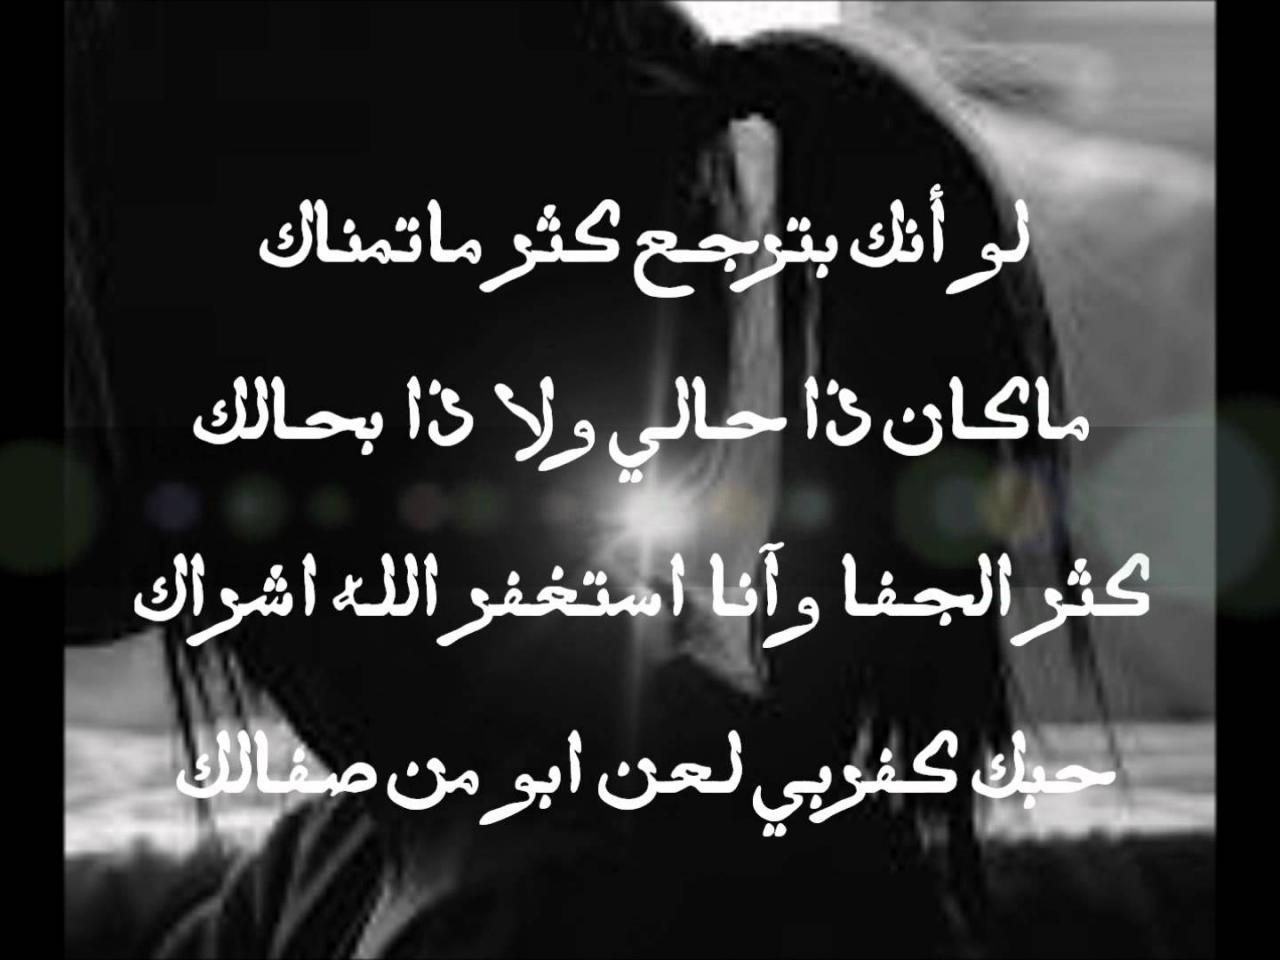 صورة بوستات شعر حب , الحب هو نبض القلب